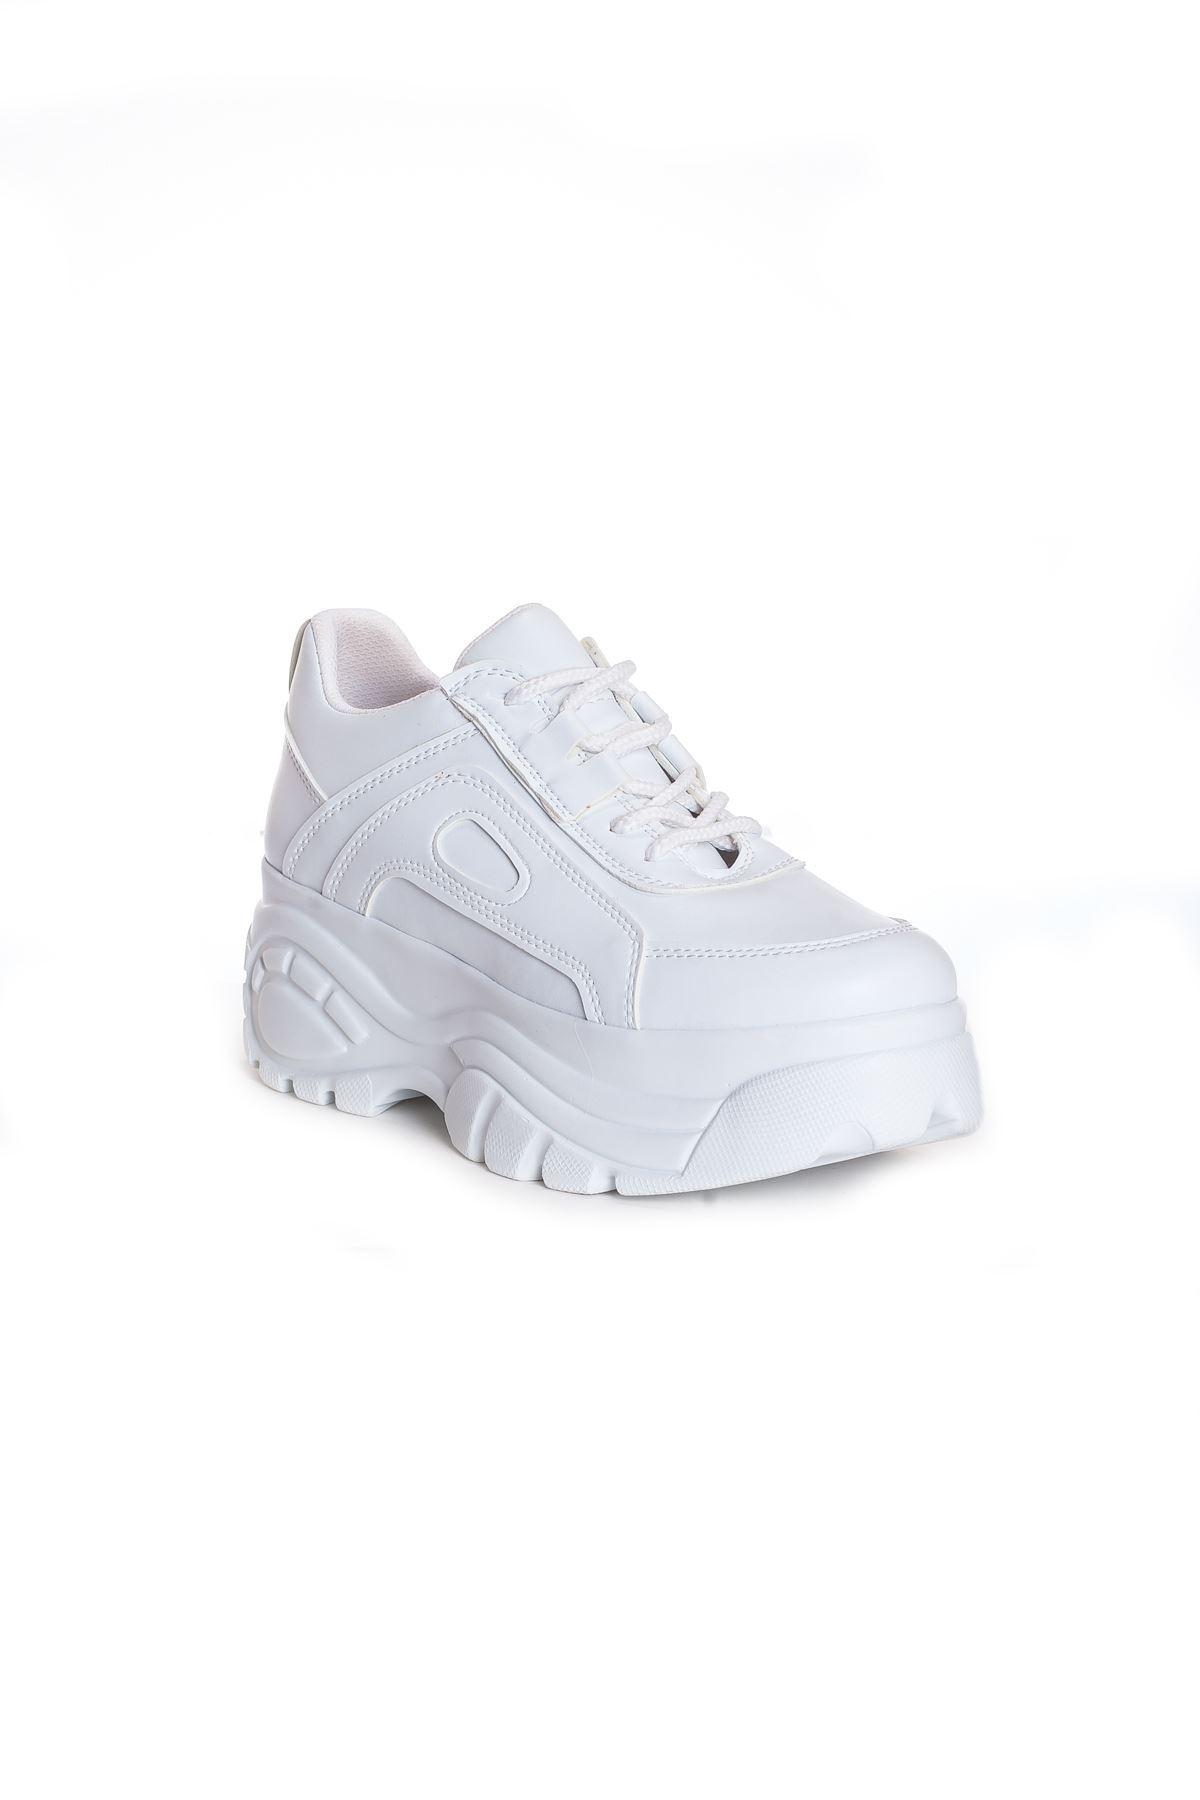 CK-107 Beyaz Deri Spor Ayakkabı